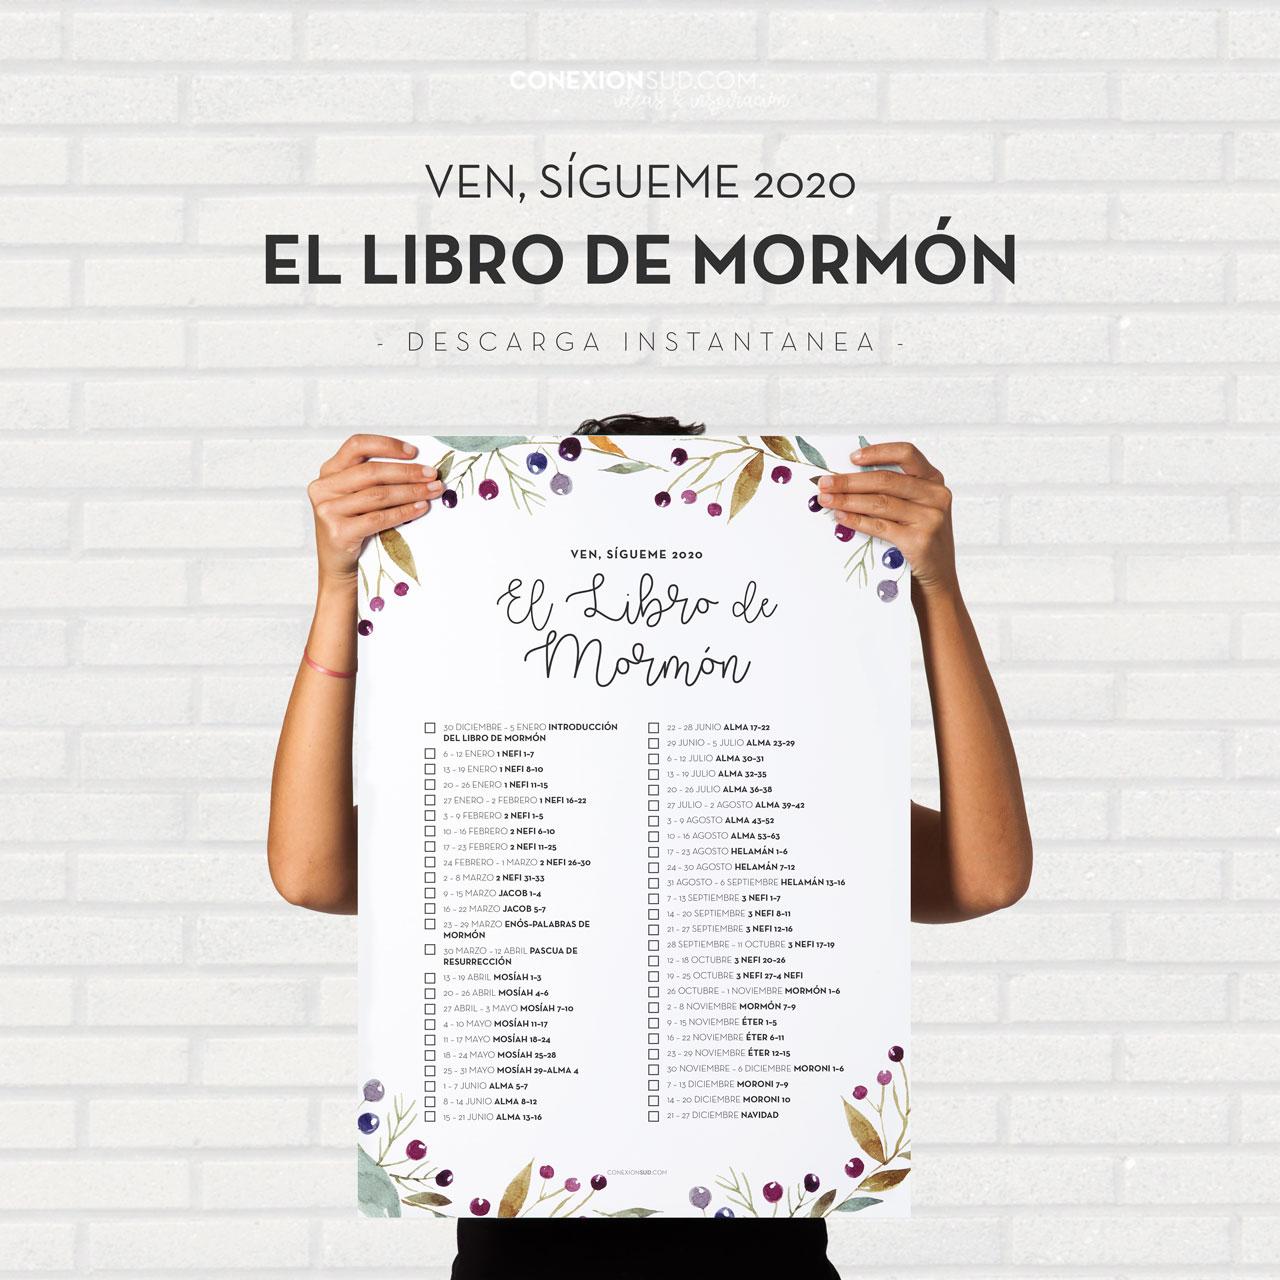 Ven-Sigueme-El-Libro-de-Mormon-ConexionSUD